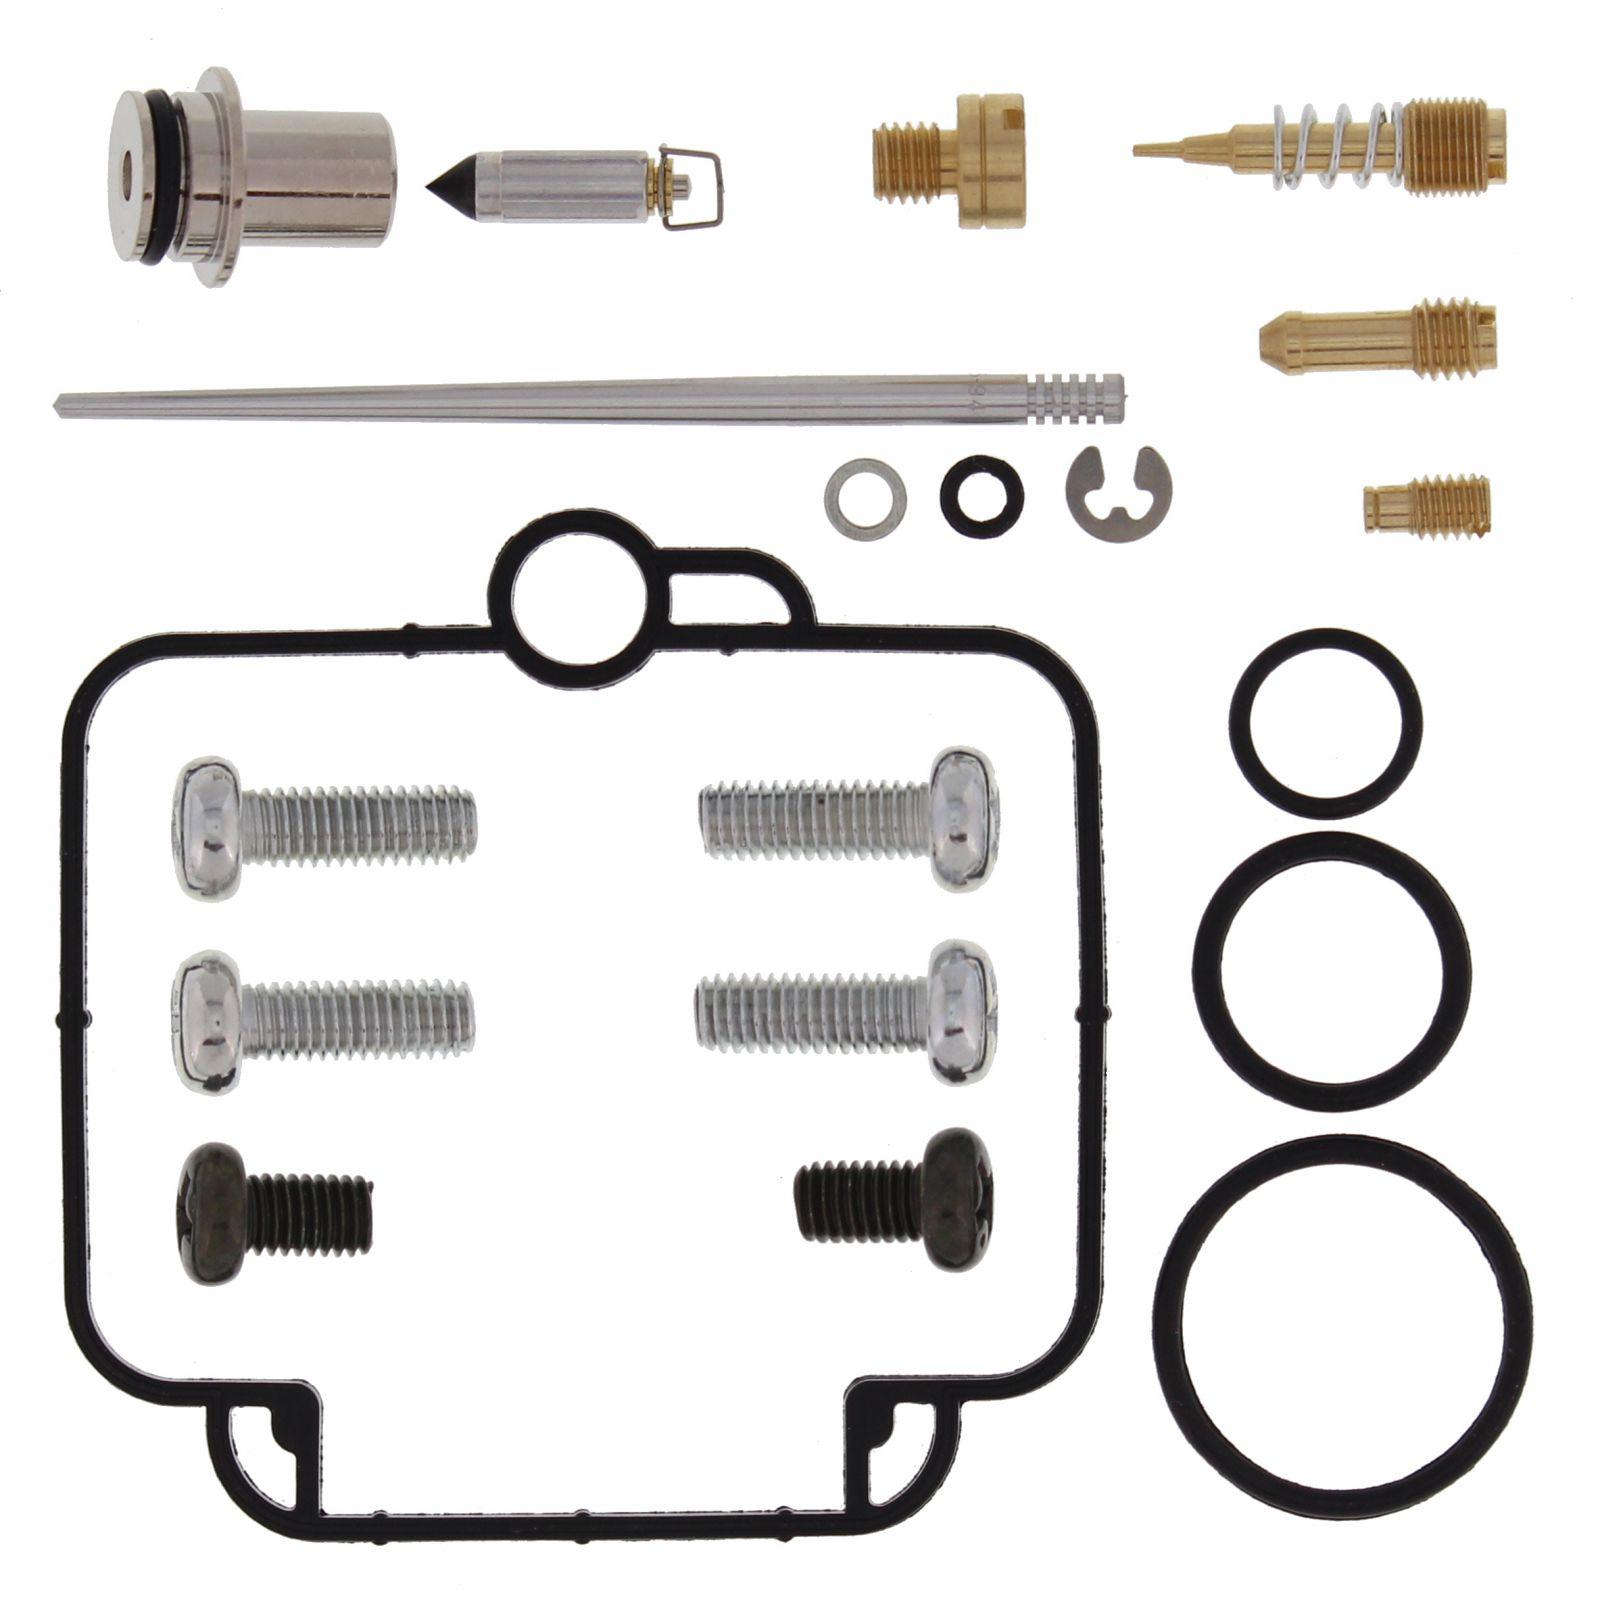 wrp carb repair kits - WRP261020 image